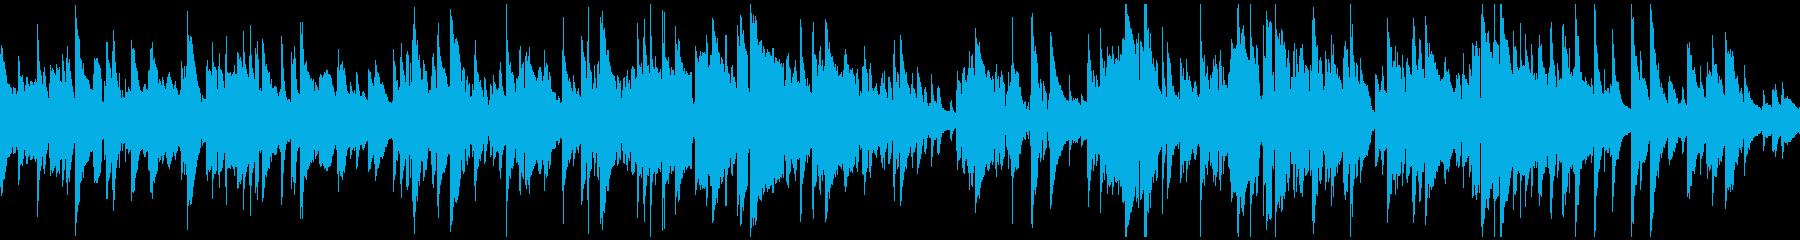 リラックス、ジャズ・バラード ※ループ版の再生済みの波形